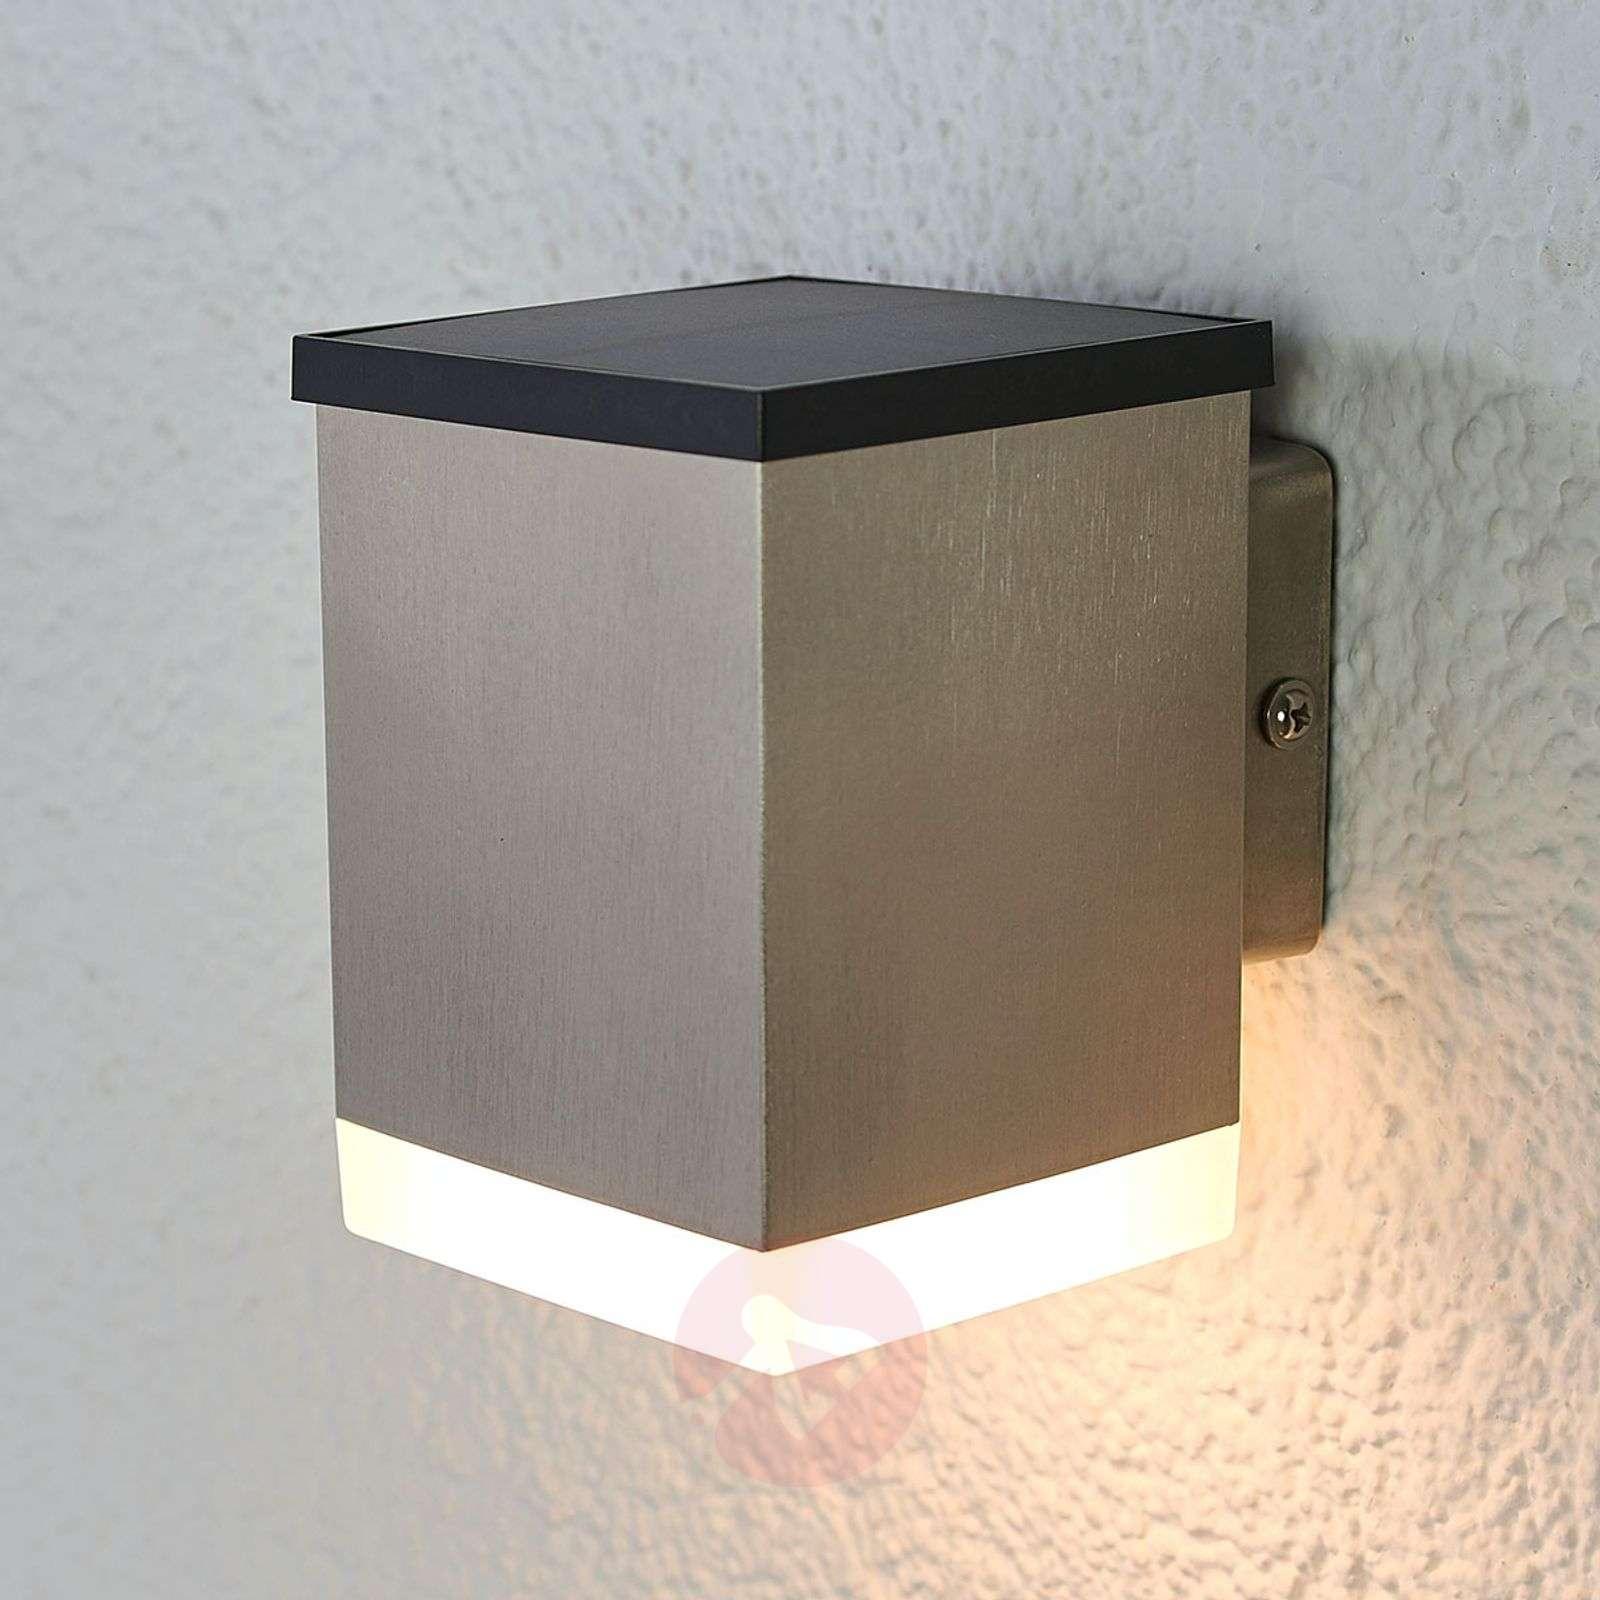 LED-aurinkoseinälamppu Tyson, kulmikas, satinoitu-9988127-02